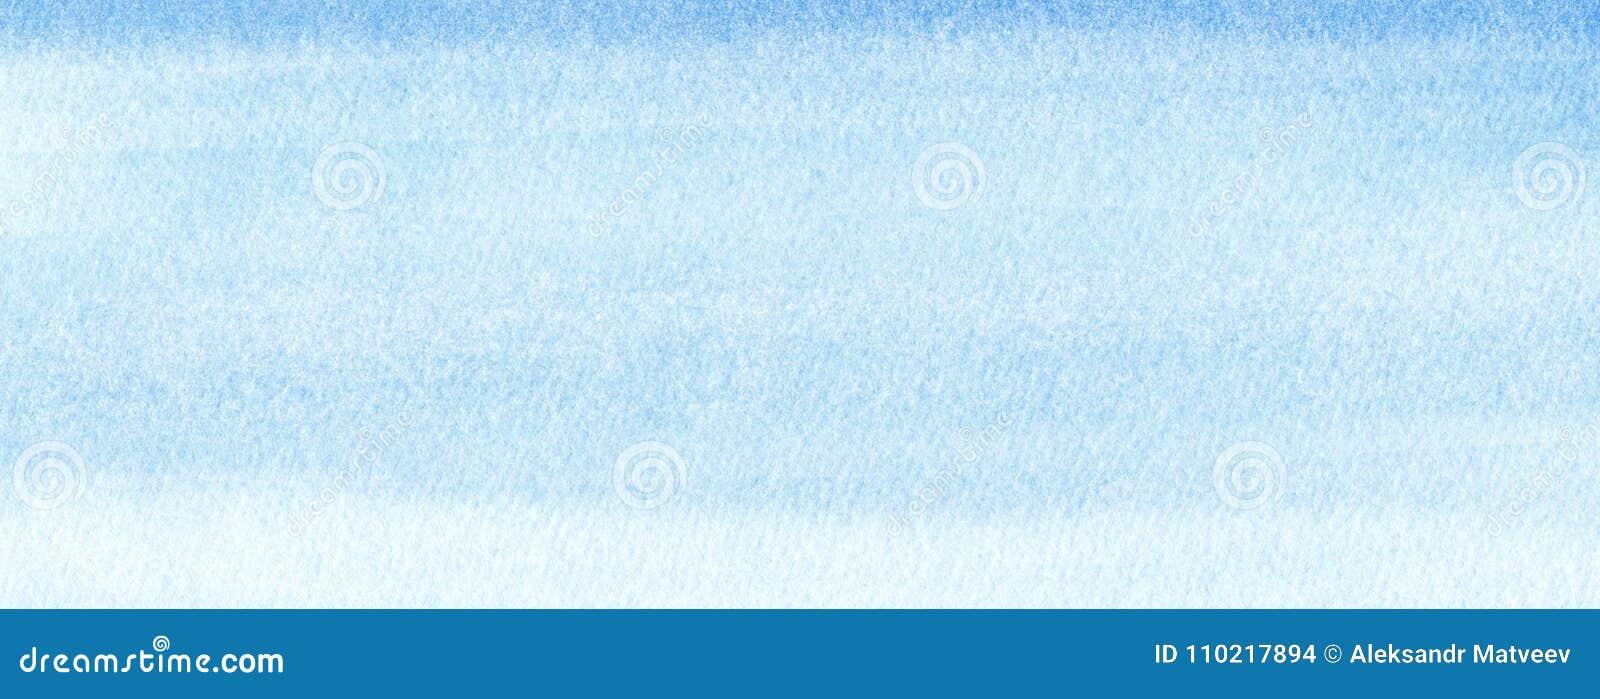 Infante de marina de la bandera del web o fondo del terraplén de la pendiente de la acuarela de los azules marinos Manchas del Wa